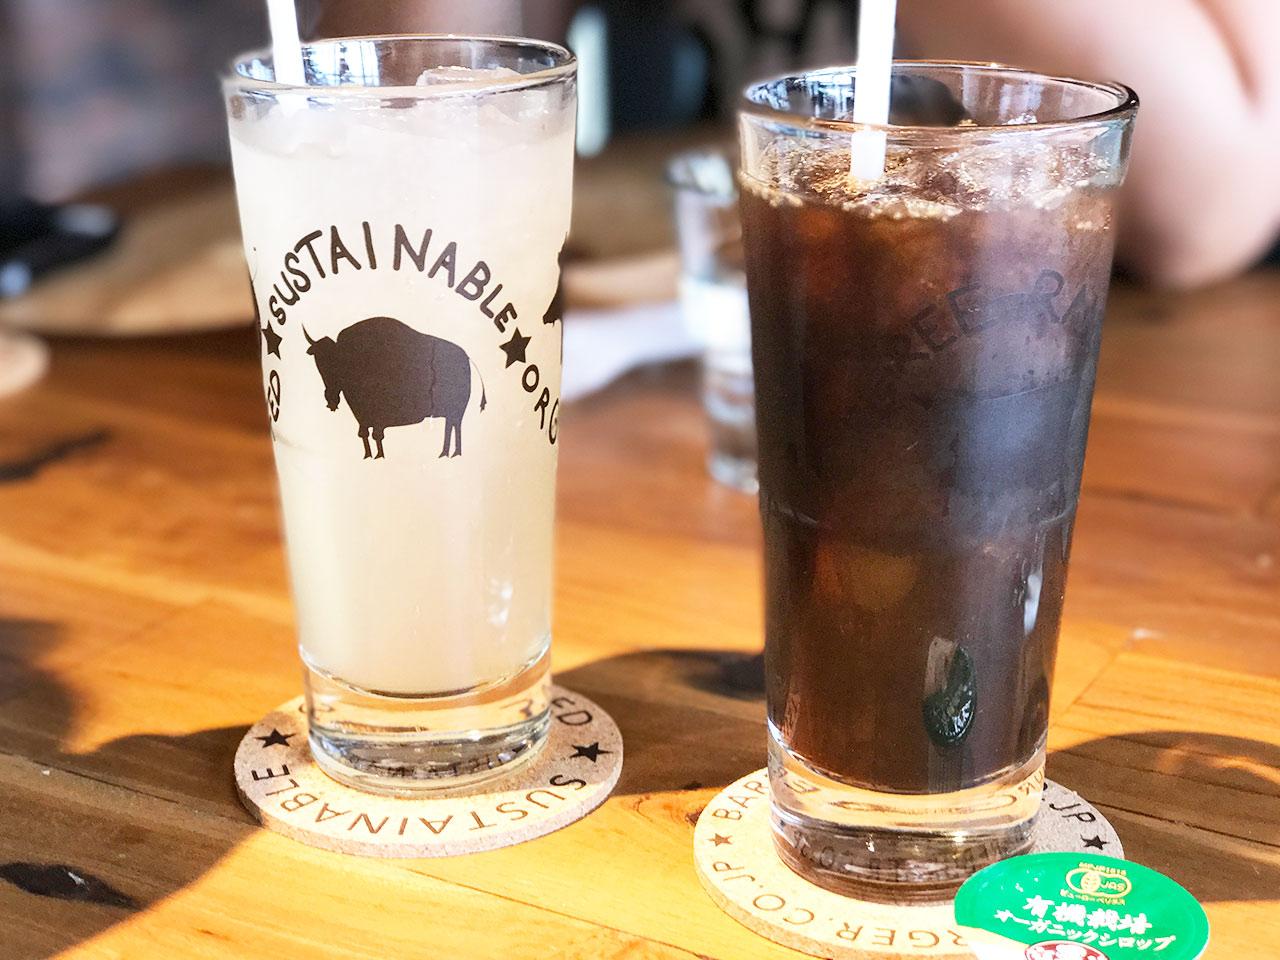 ベアバーガーのレモネードとアイスコーヒー